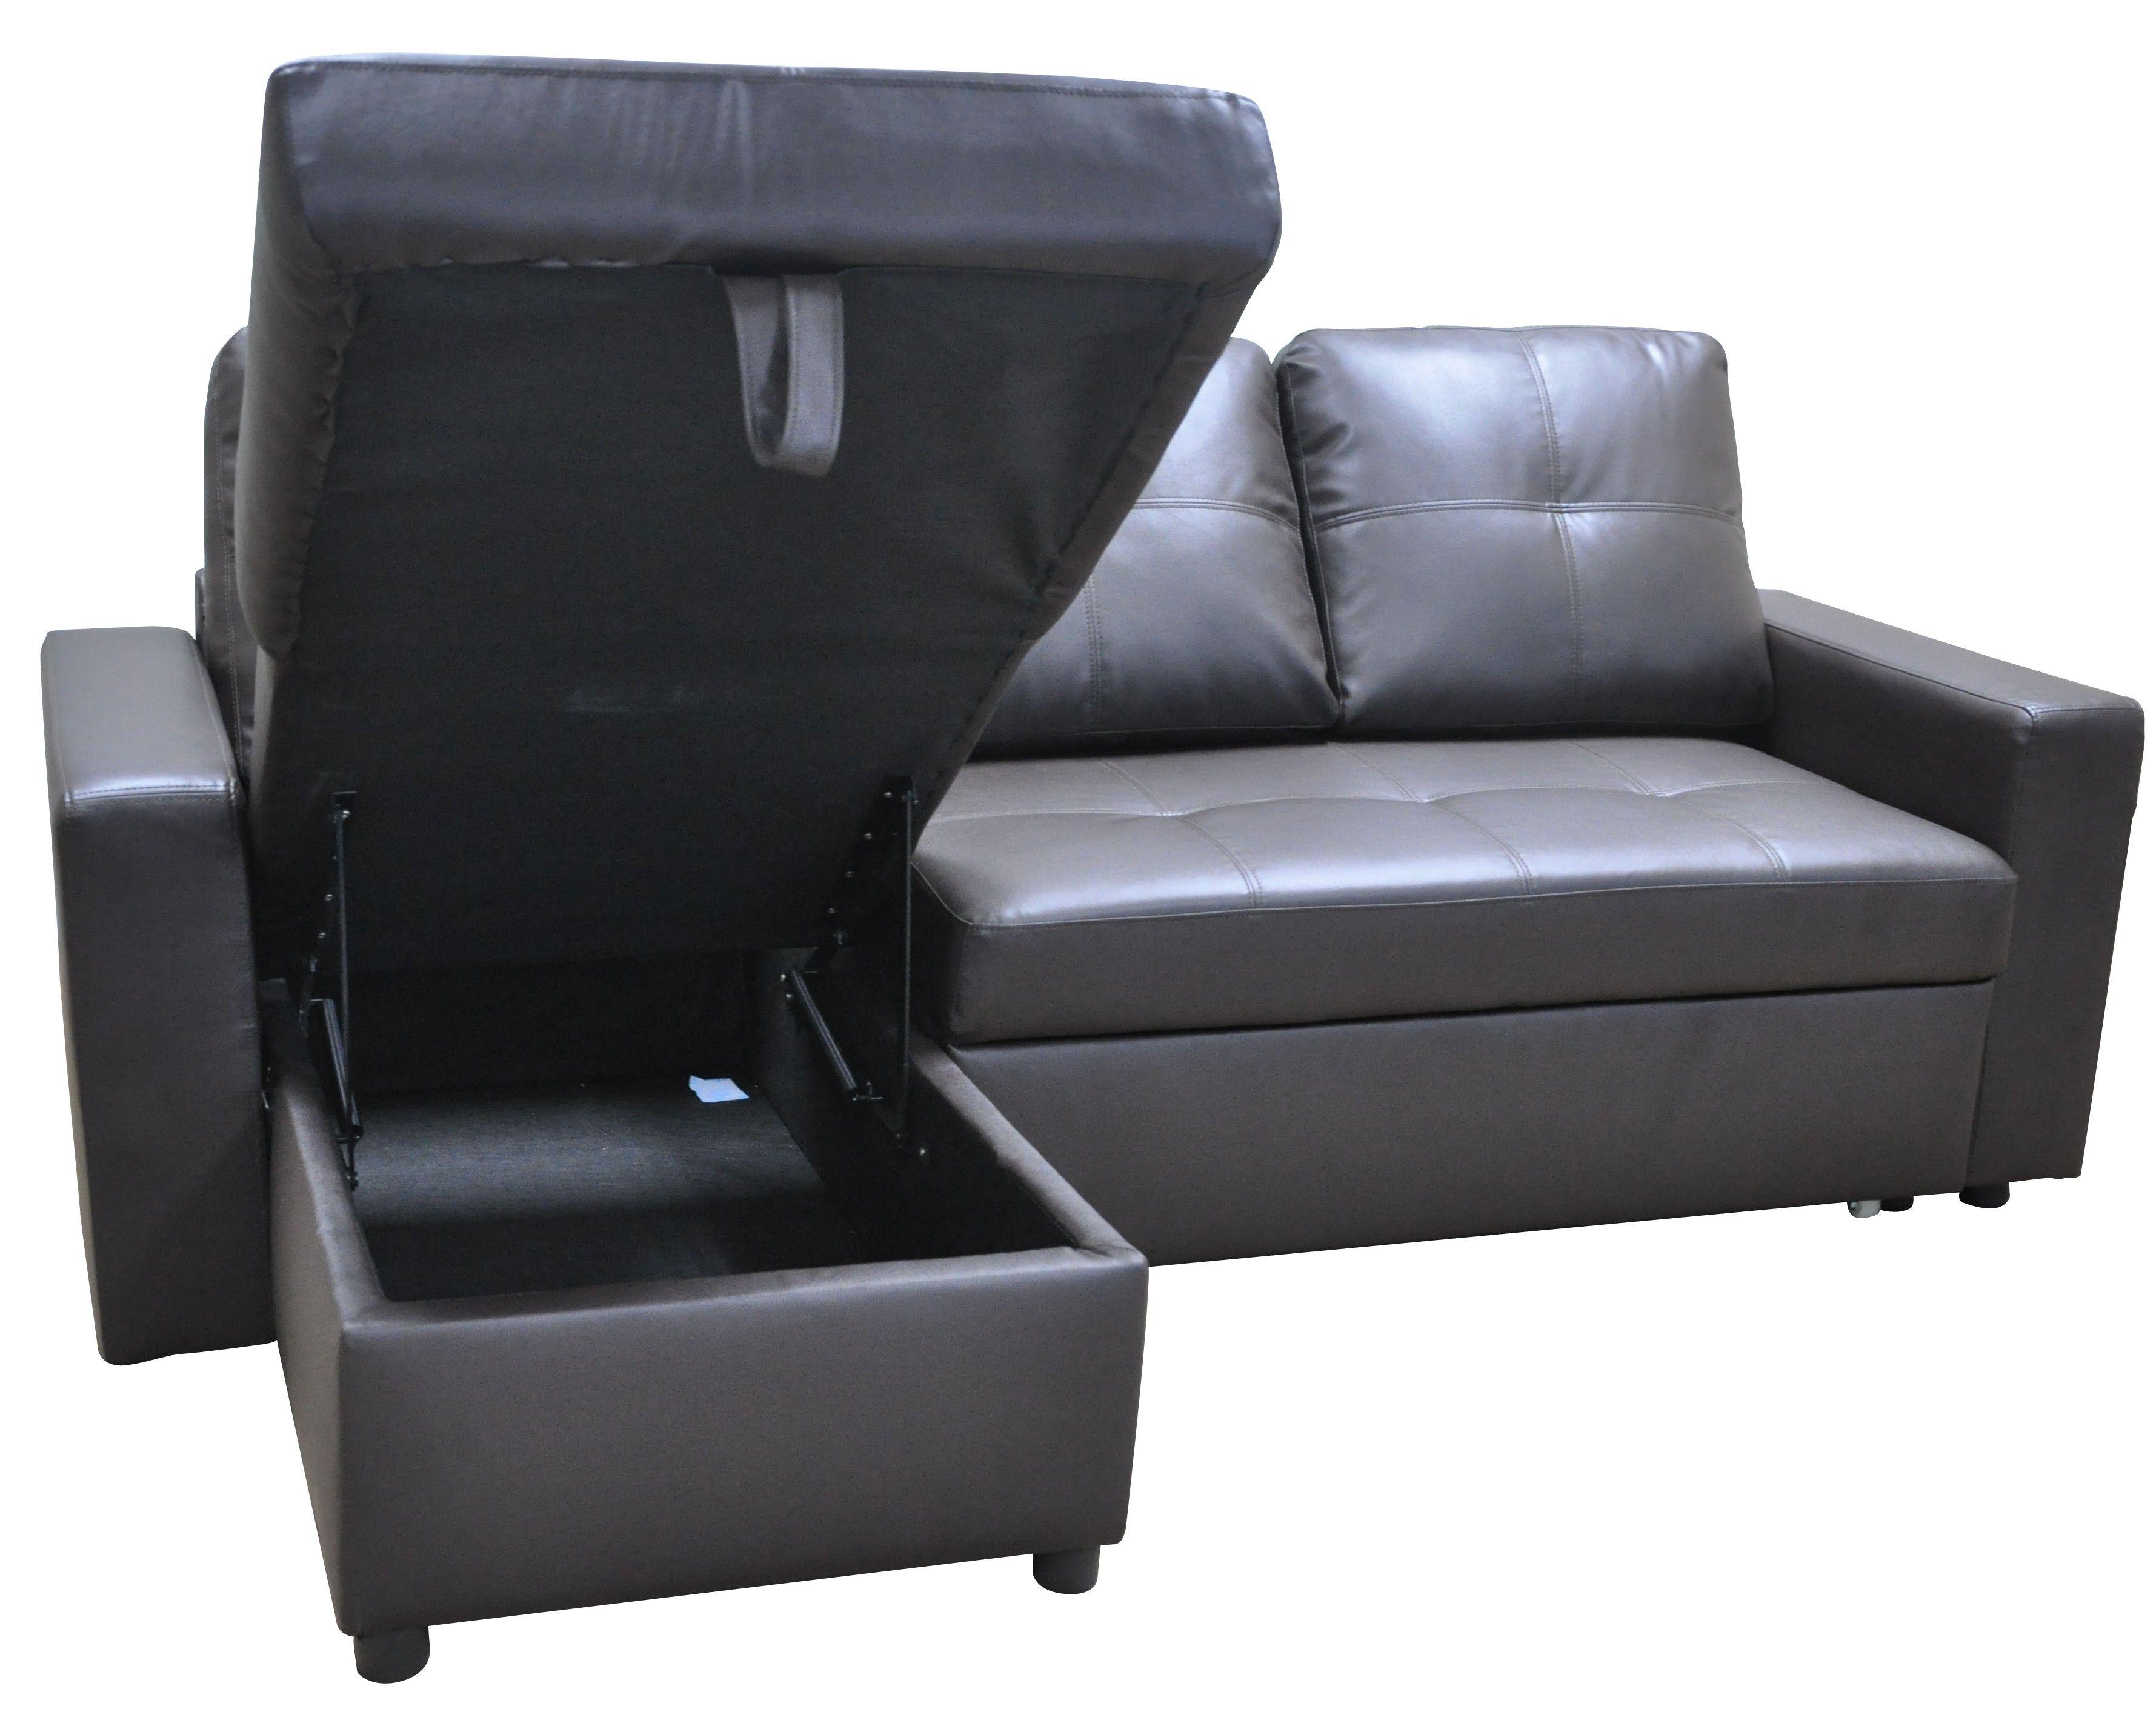 Ideen Von Lazy Boy Schlafsofa Mit Bildern Sofa Stuhle